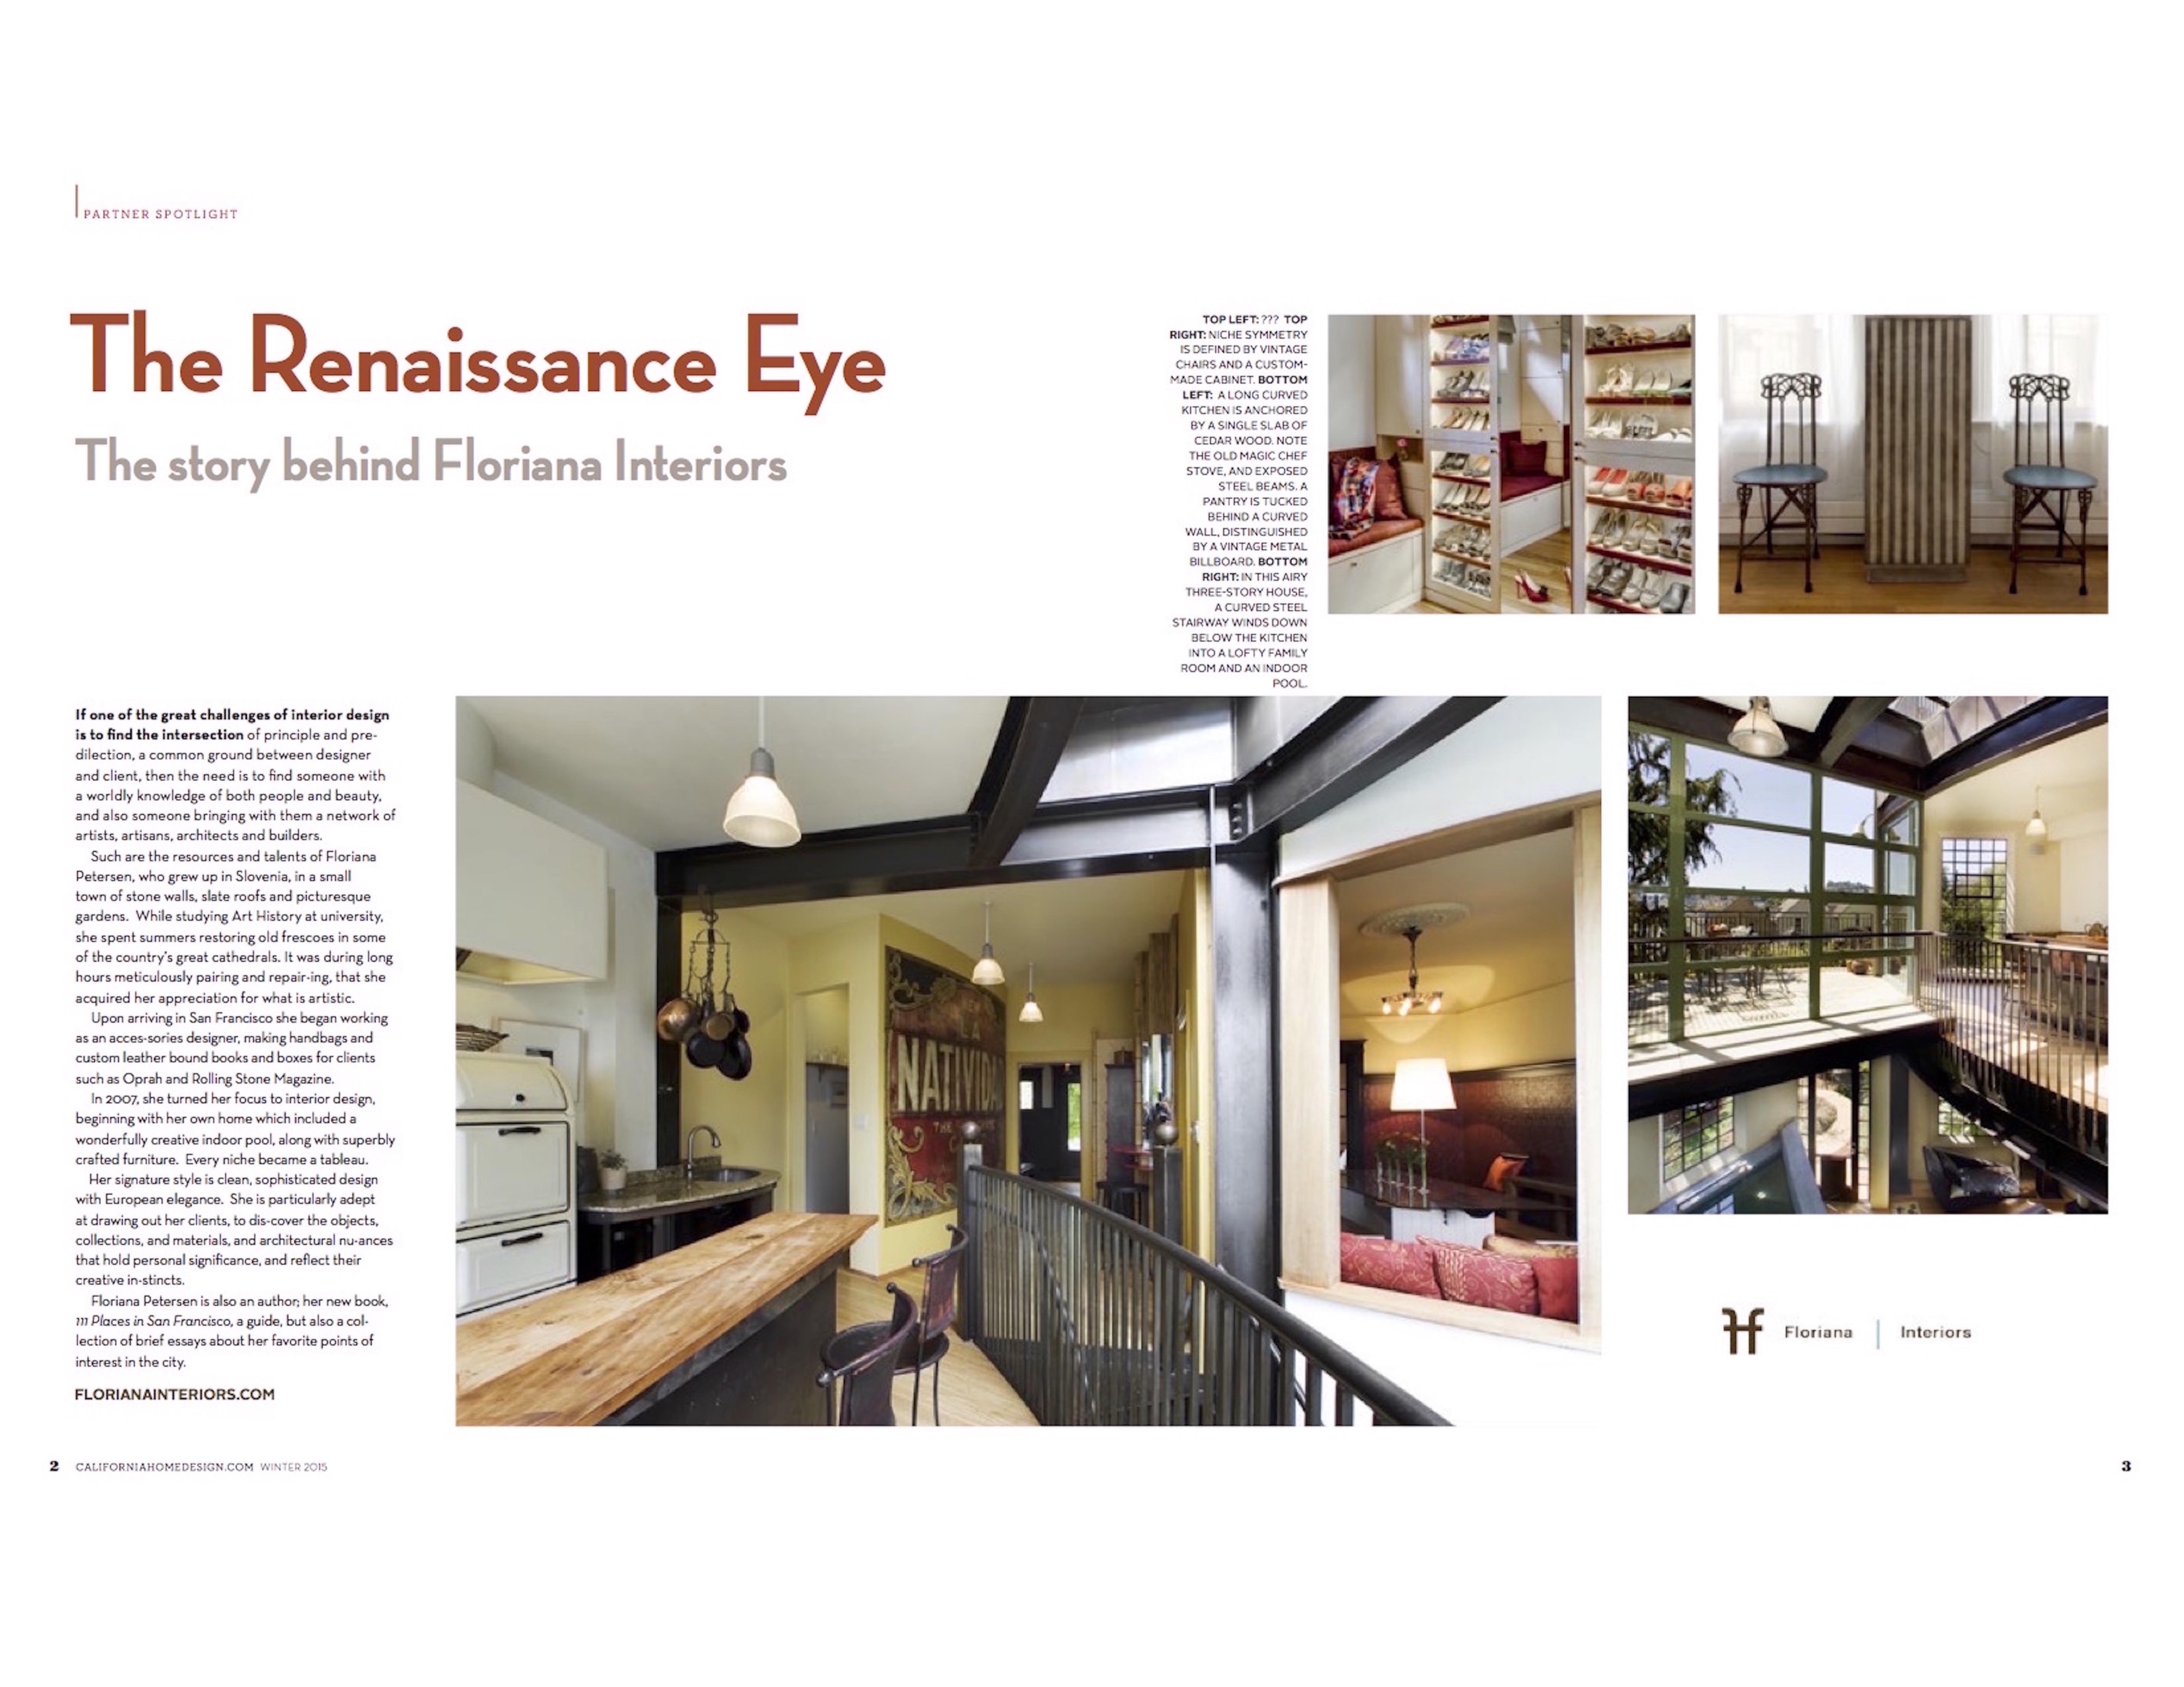 Ca Home Design - Home Design Ideas